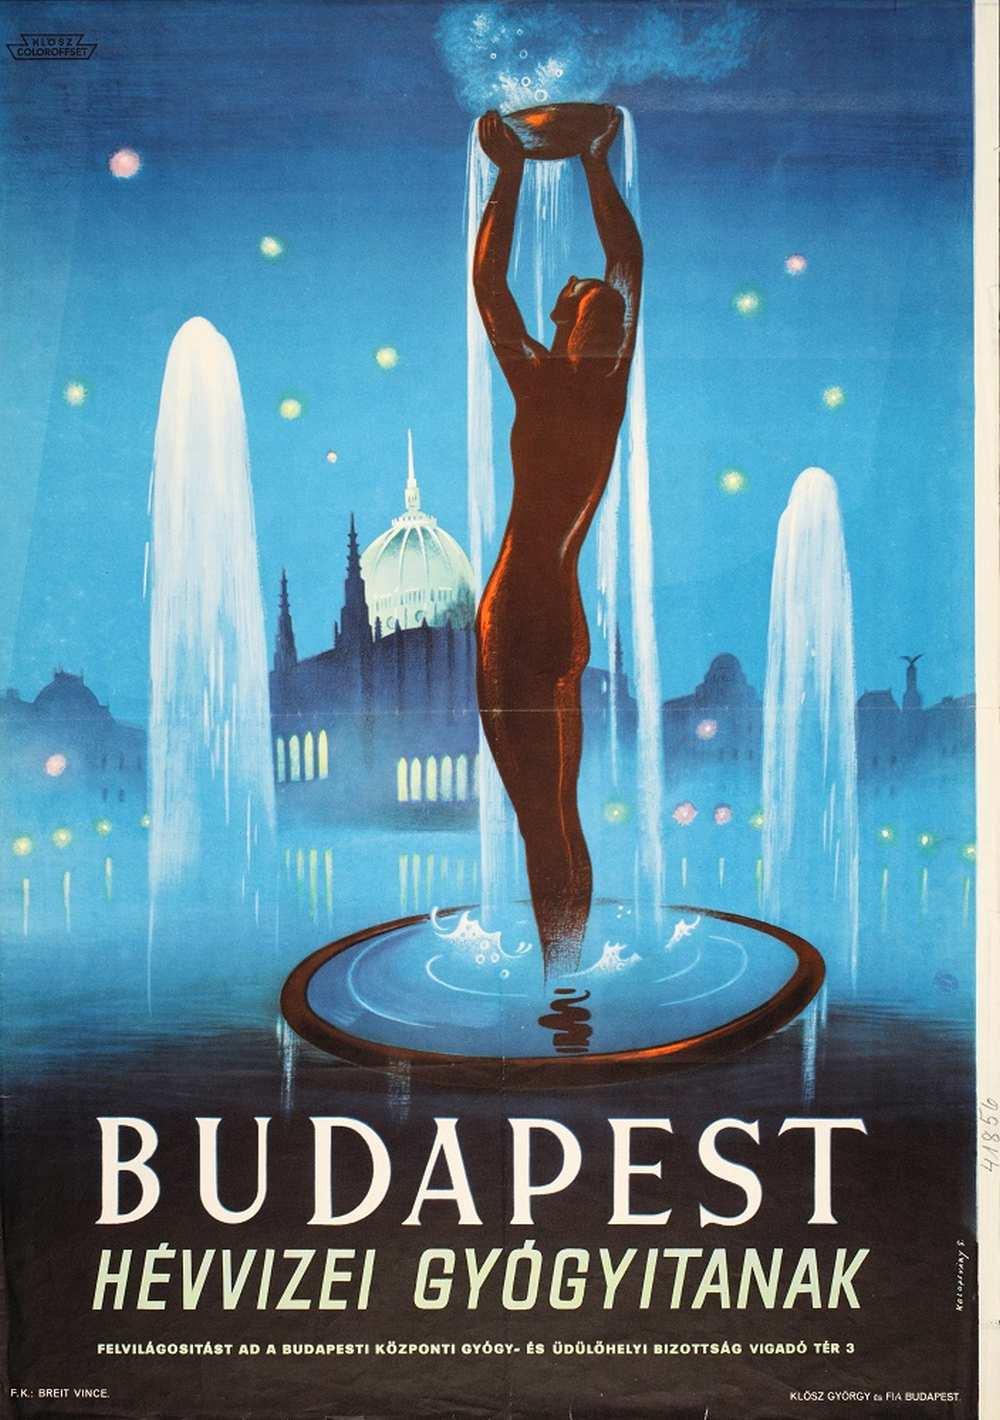 Kolozsváry Sándor: Budapest hévvizei gyógyítanak (1943). Jelzet: PKG.1943/152 – Térkép-, Plakát- és Kisnyomtatványtár http://nektar.oszk.hu/hu/manifestation/2930905